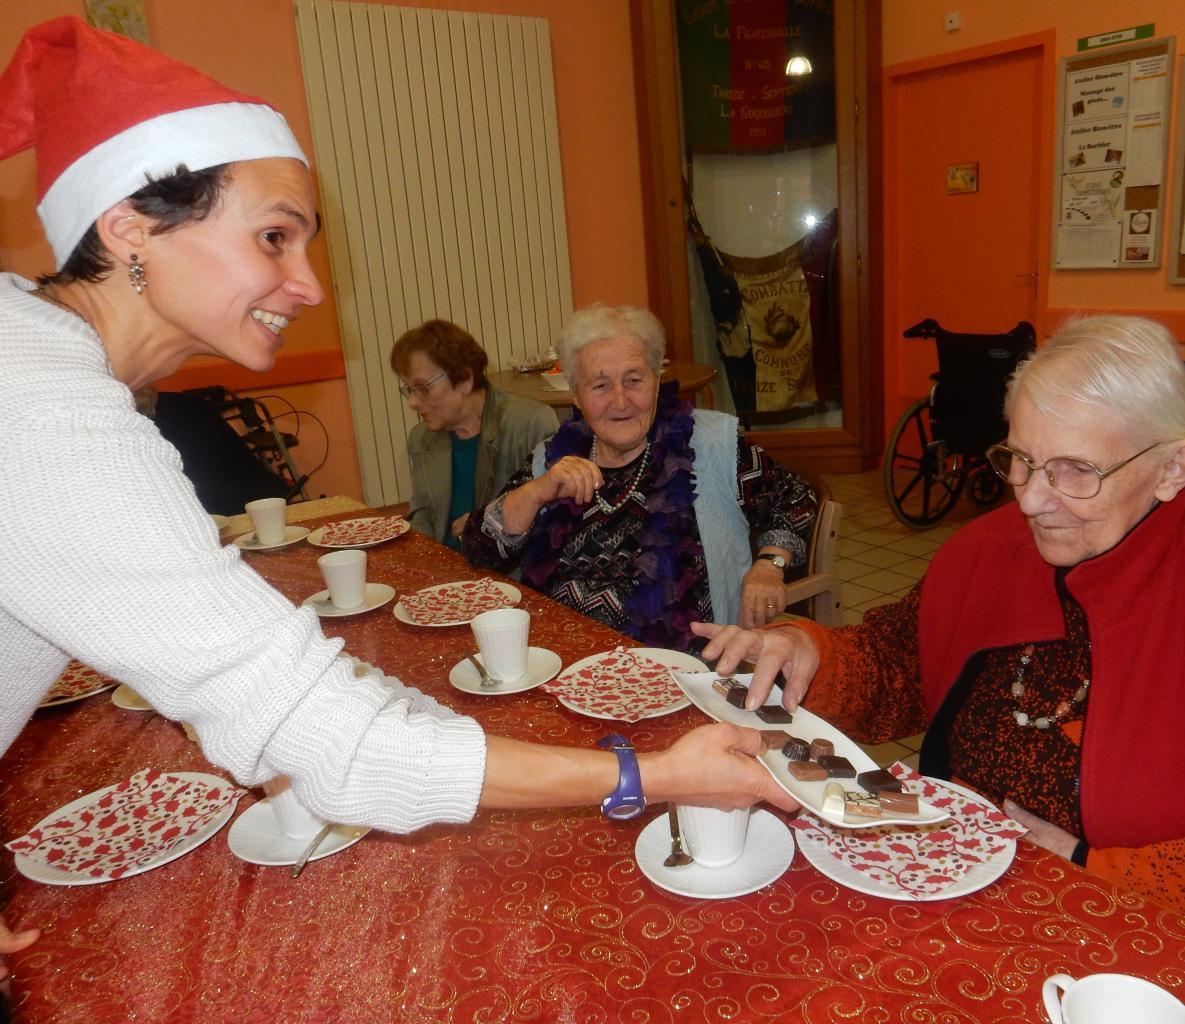 Goûter de Noël : choix délicat parmi les chocolats...